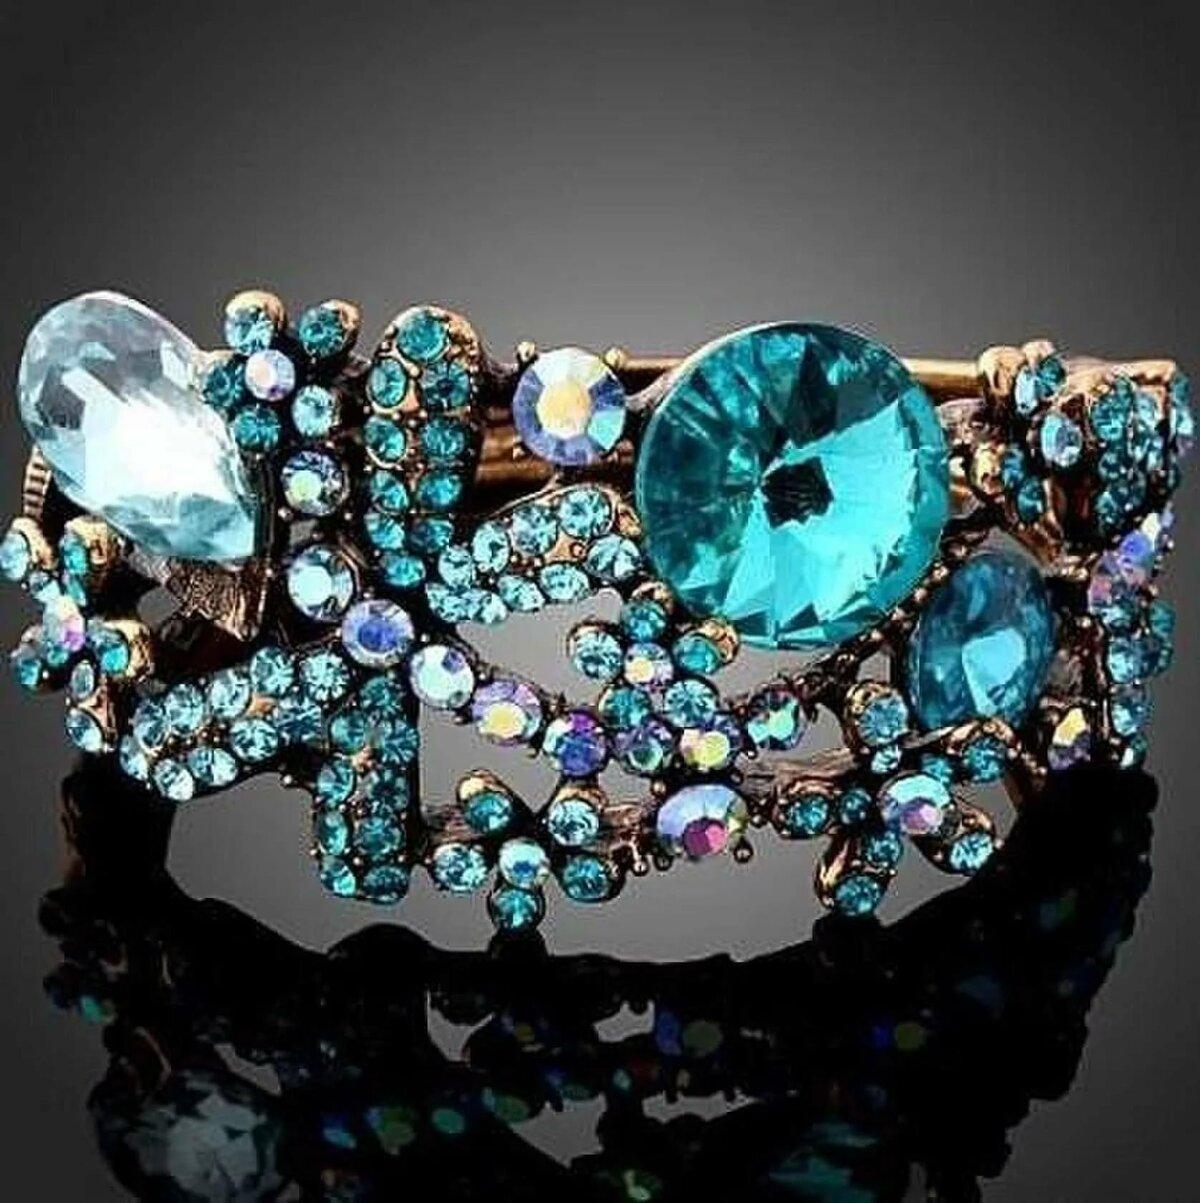 фото дорогих украшений с драгоценными камнями стоматологических клиниках можно